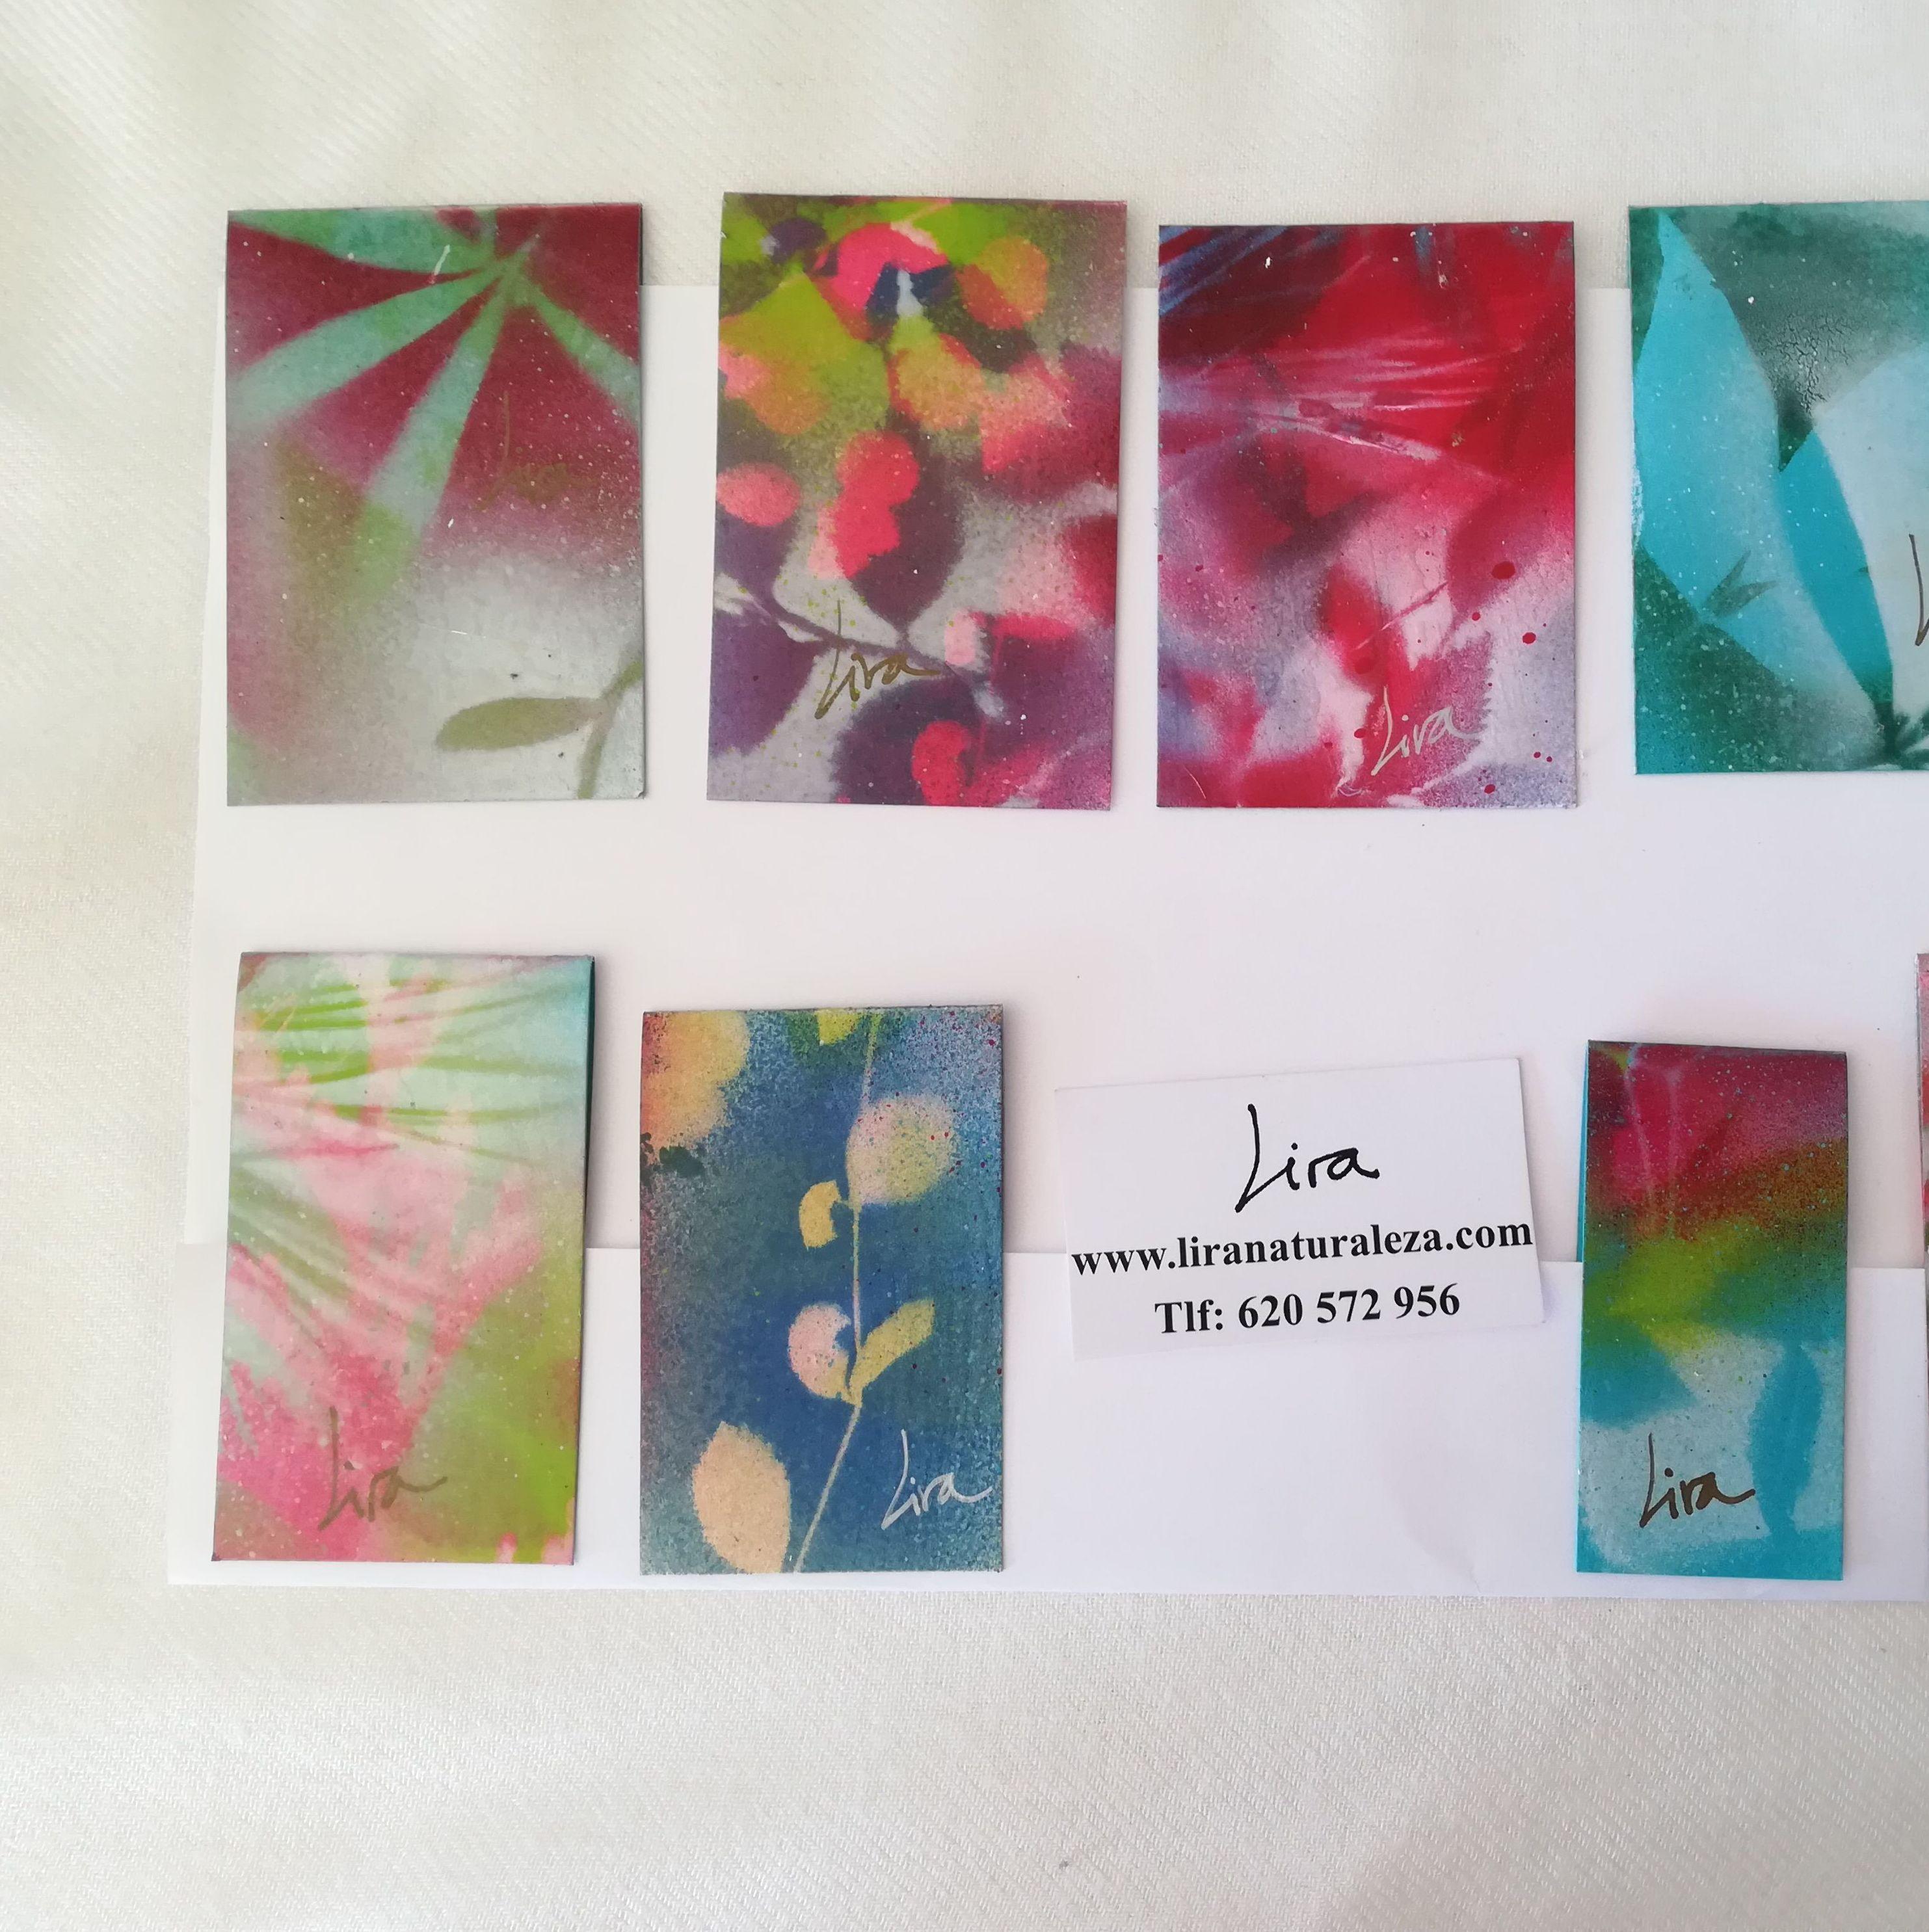 Marcapàginas pintados por Lira. Una pequeña ventana a la naturaleza de Lira para tus lecturas.Pintura Original y Unica en cada uno de ellos. Sujección con imanes interiores.